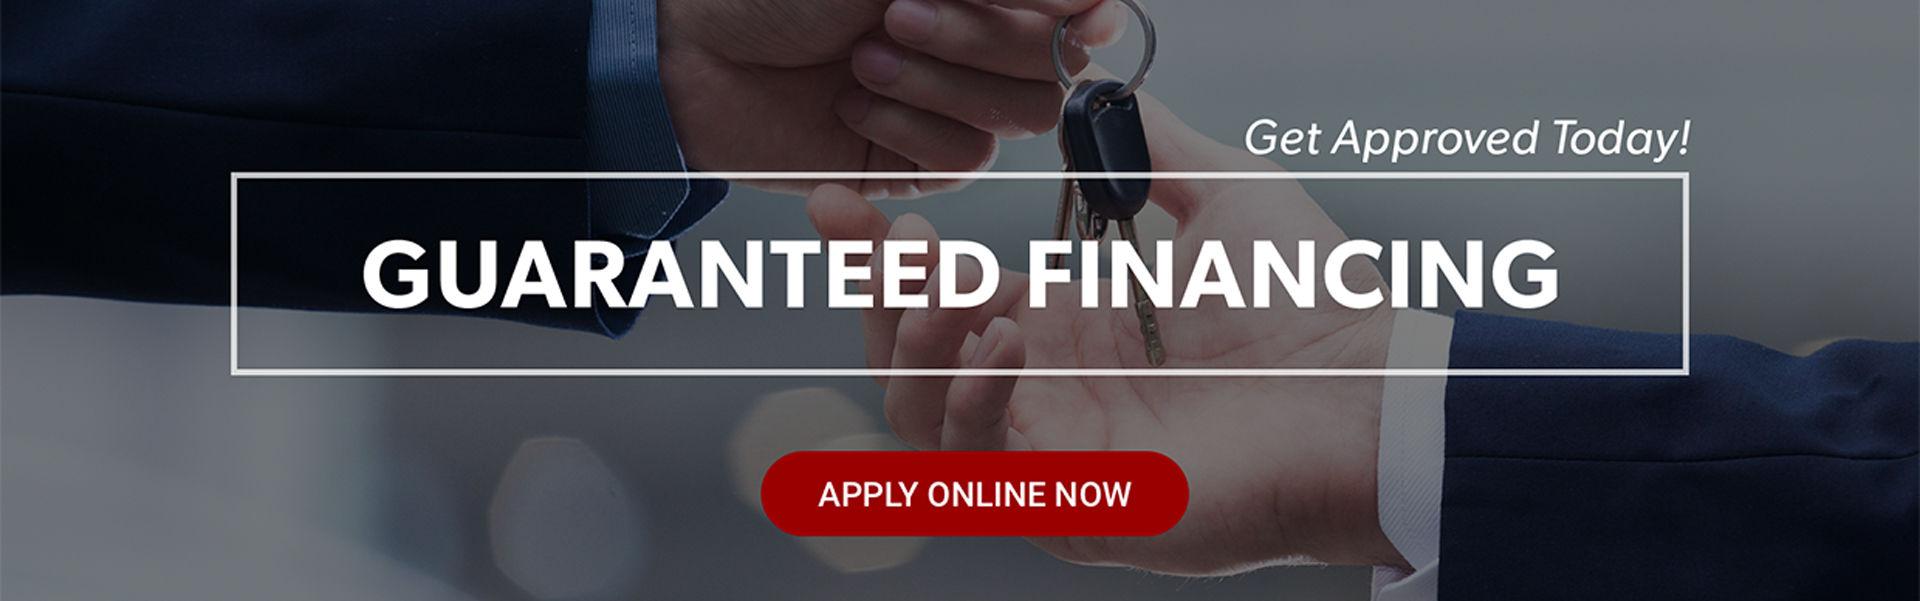 guaranteed financing